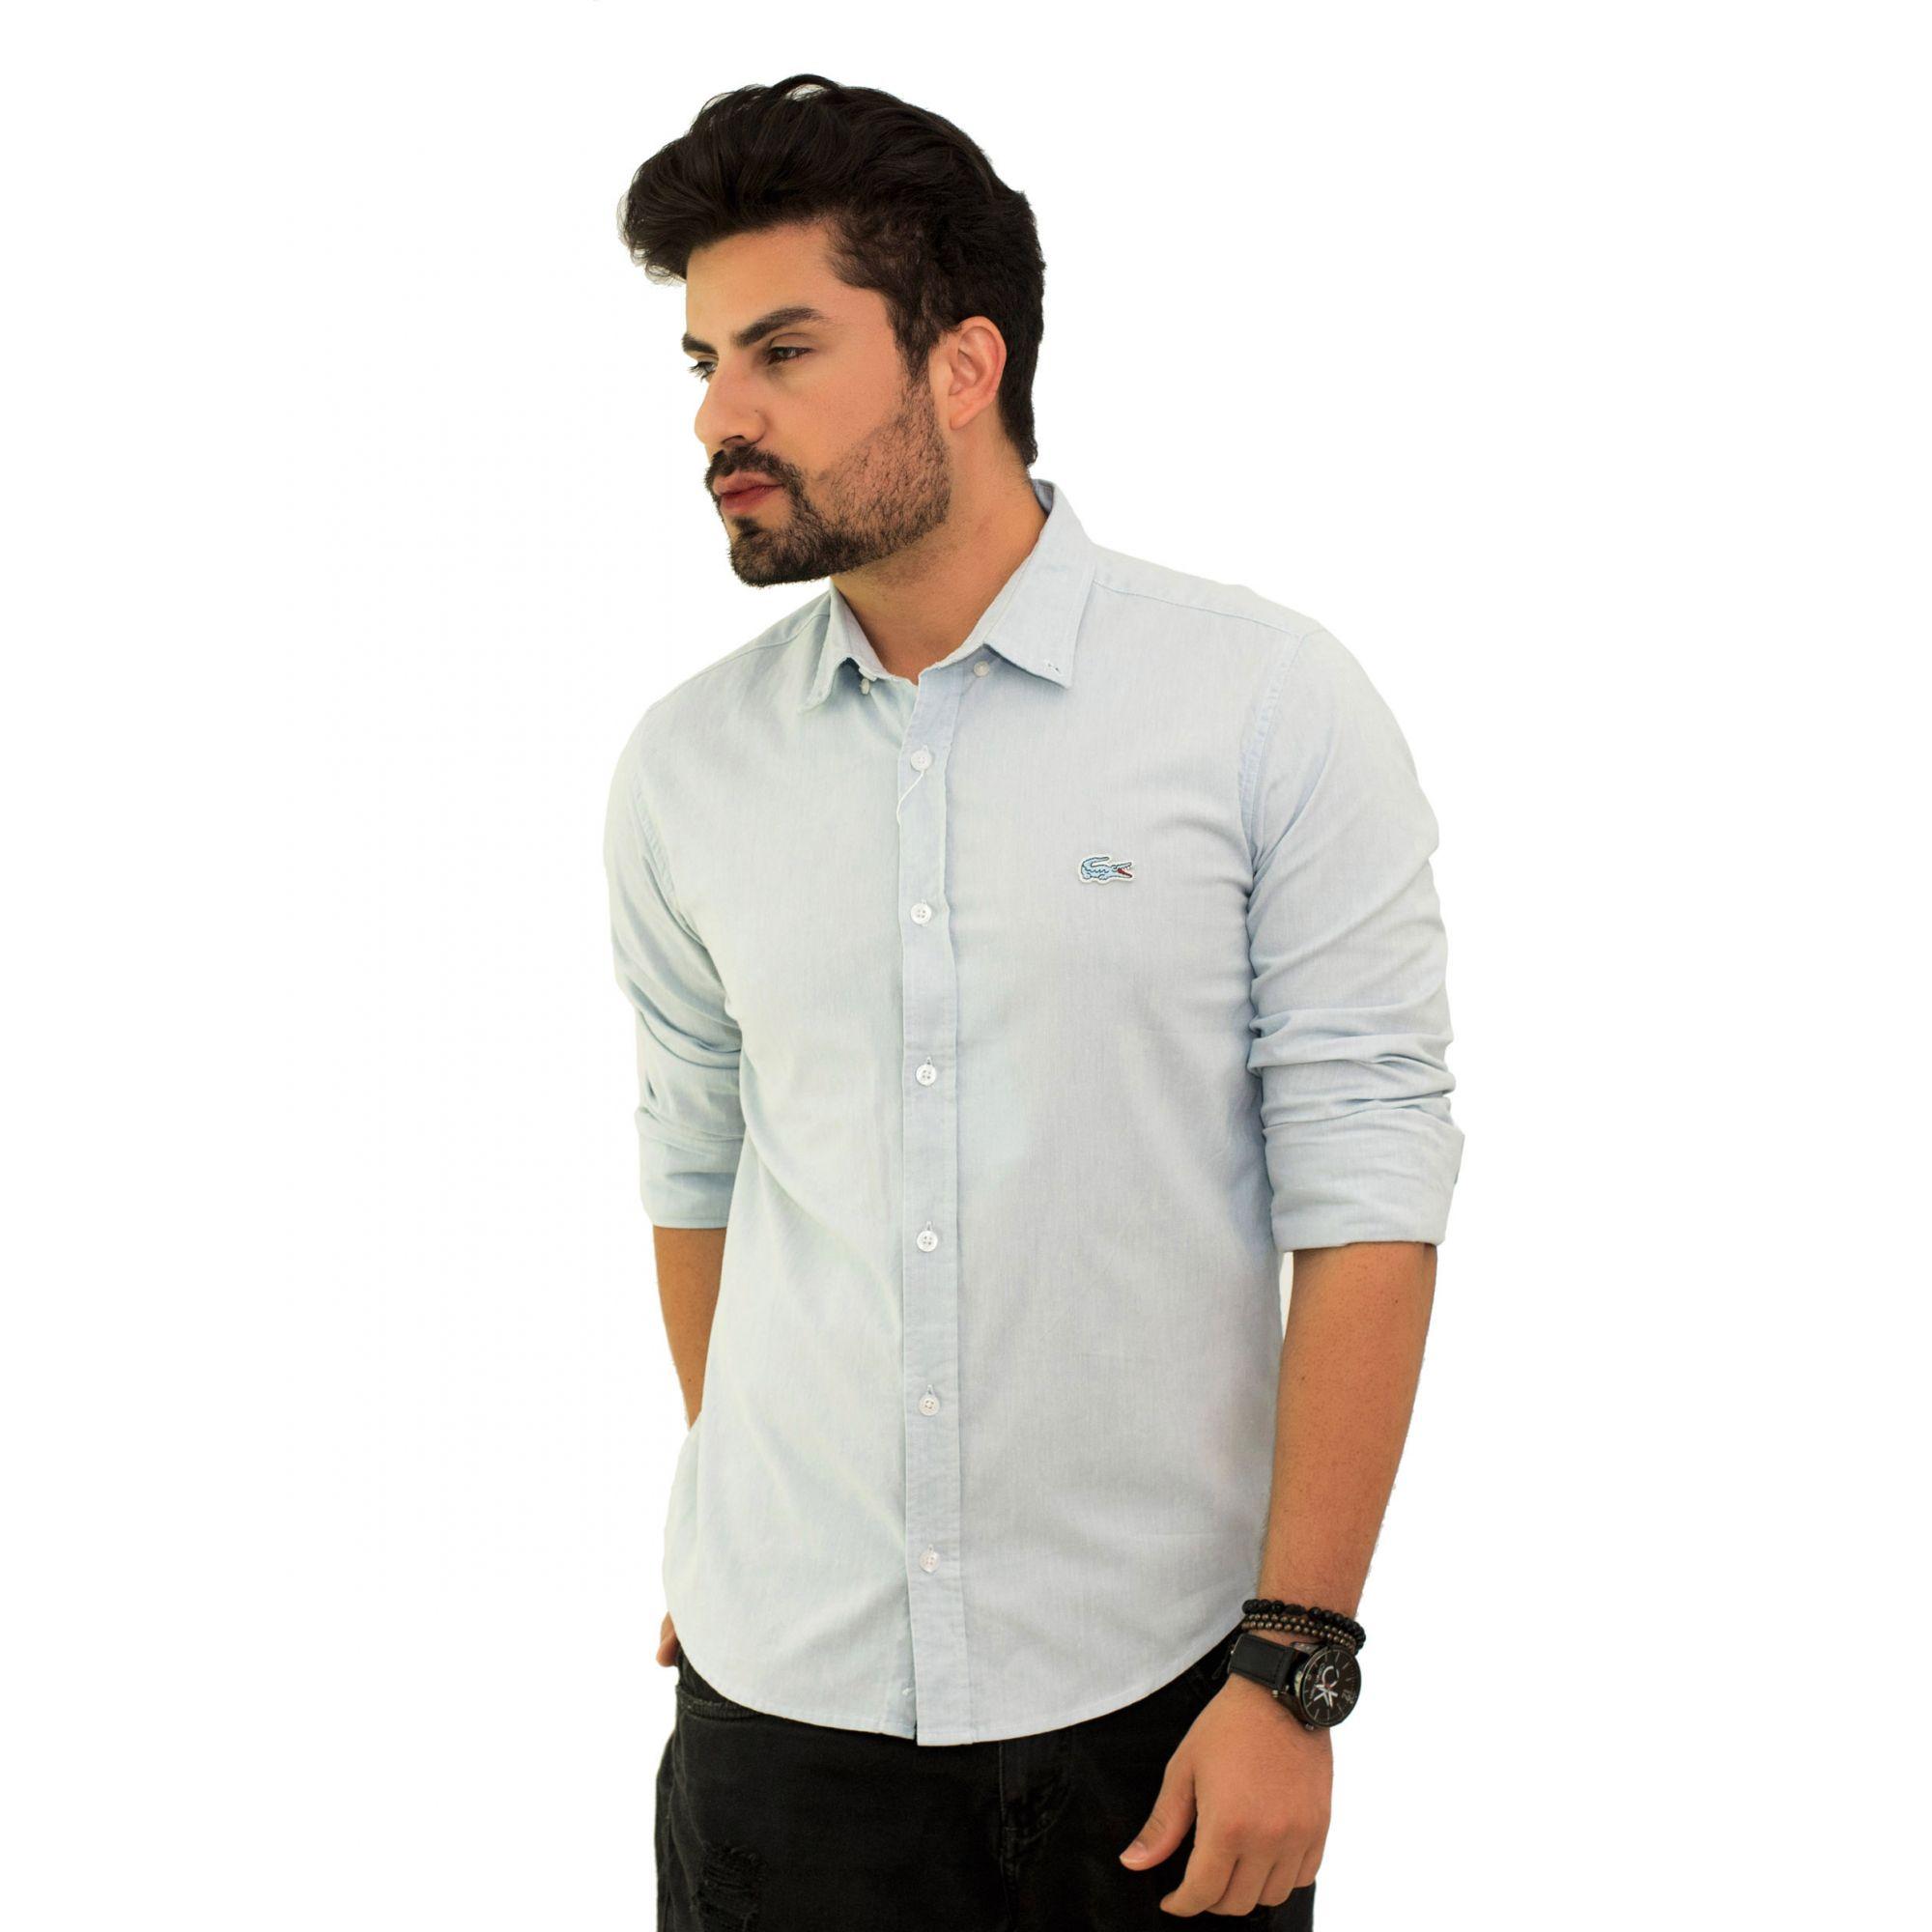 Camisa Social LCT Oxford Azul Claro